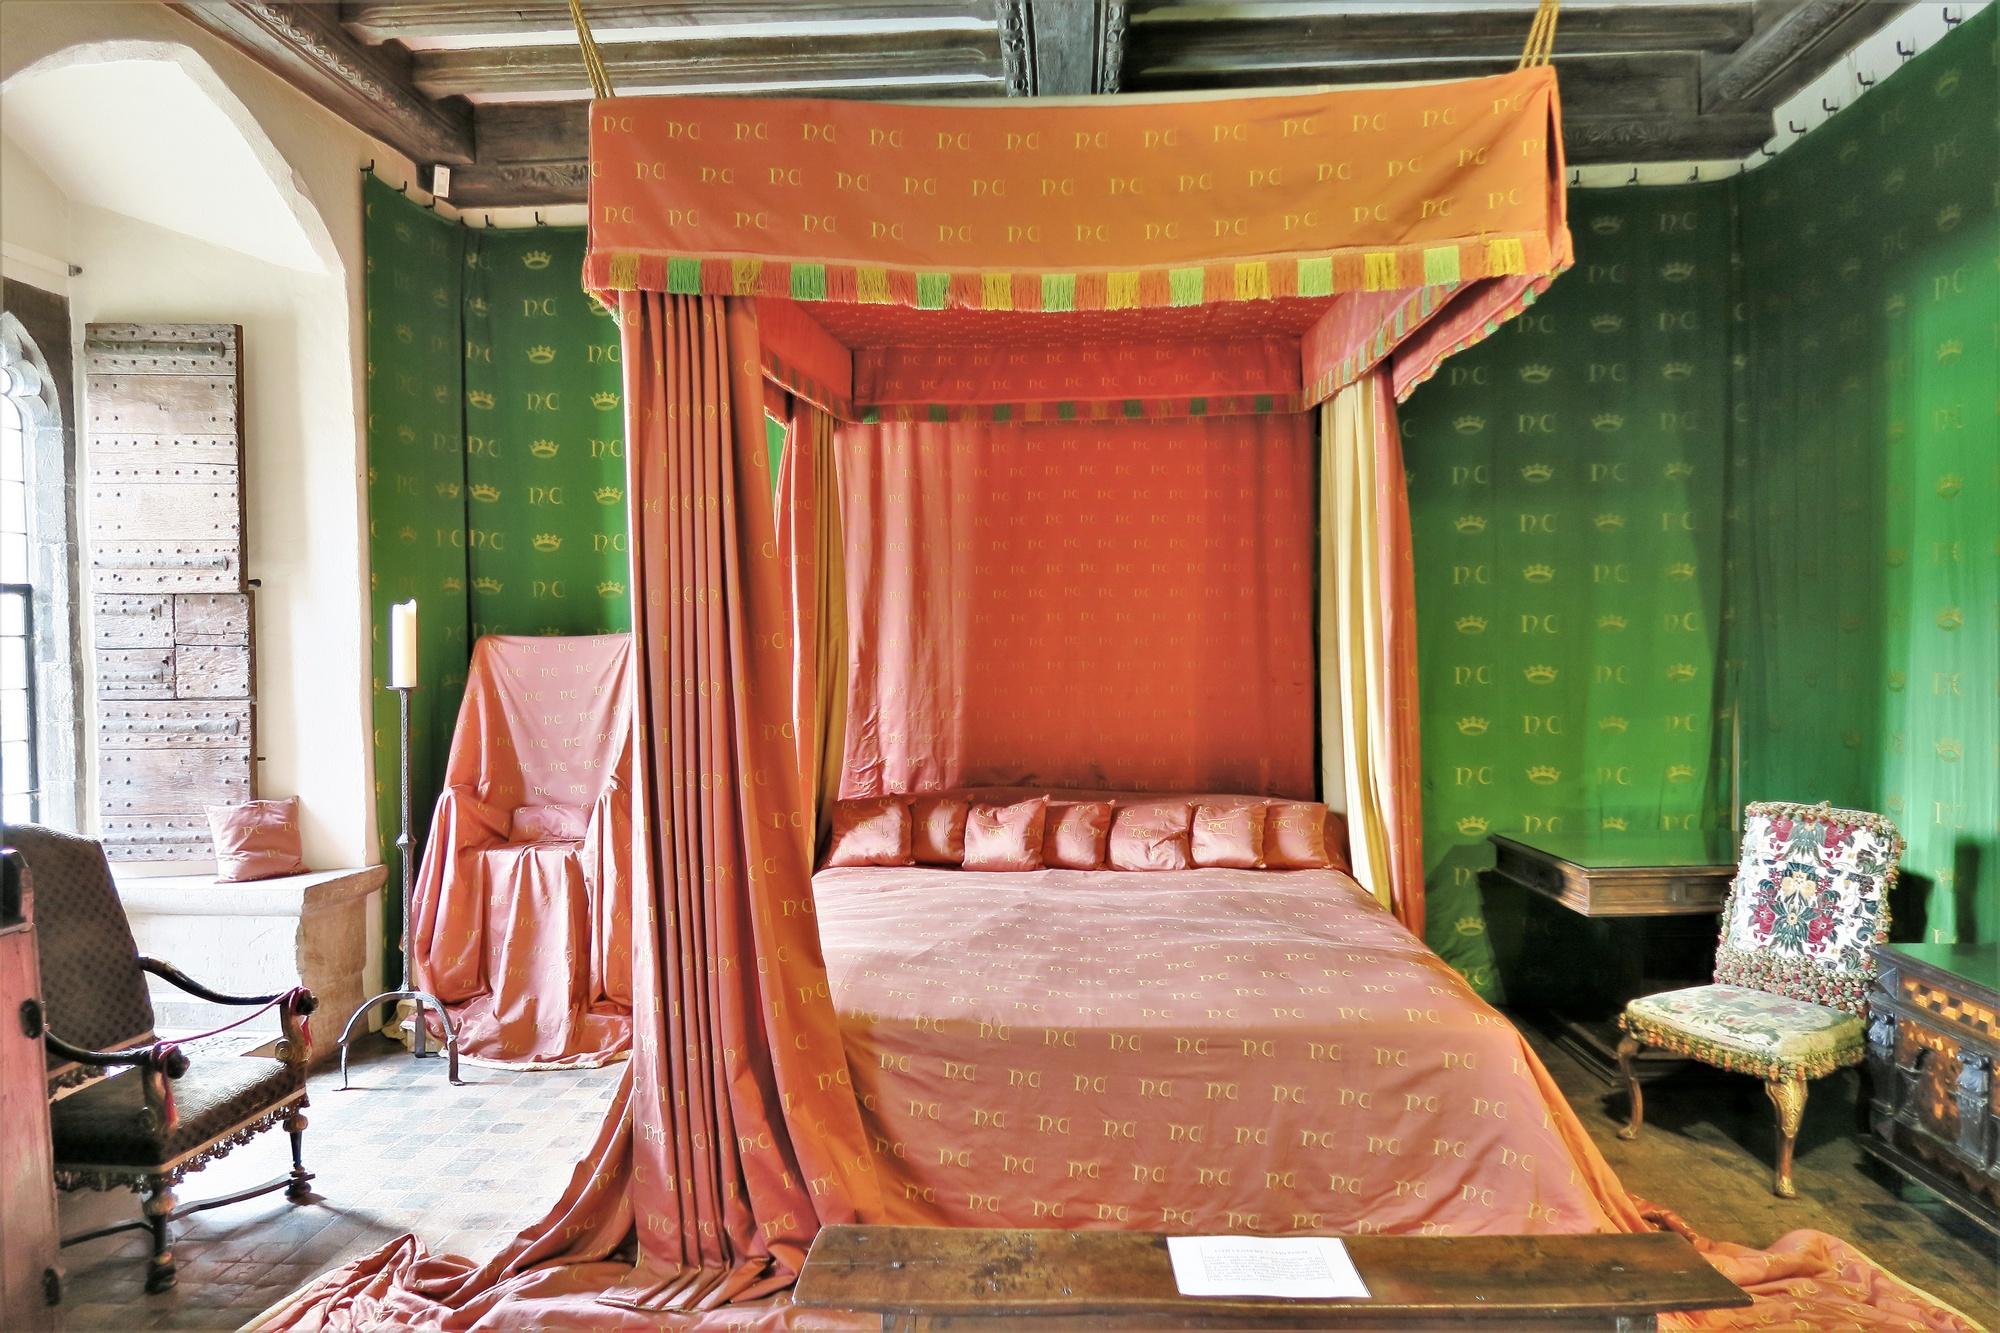 La chambre de la reine : reconstitution telle qu'elle était en 1420. Elle servait peu et n'était là que pour impressionner les visiteurs.